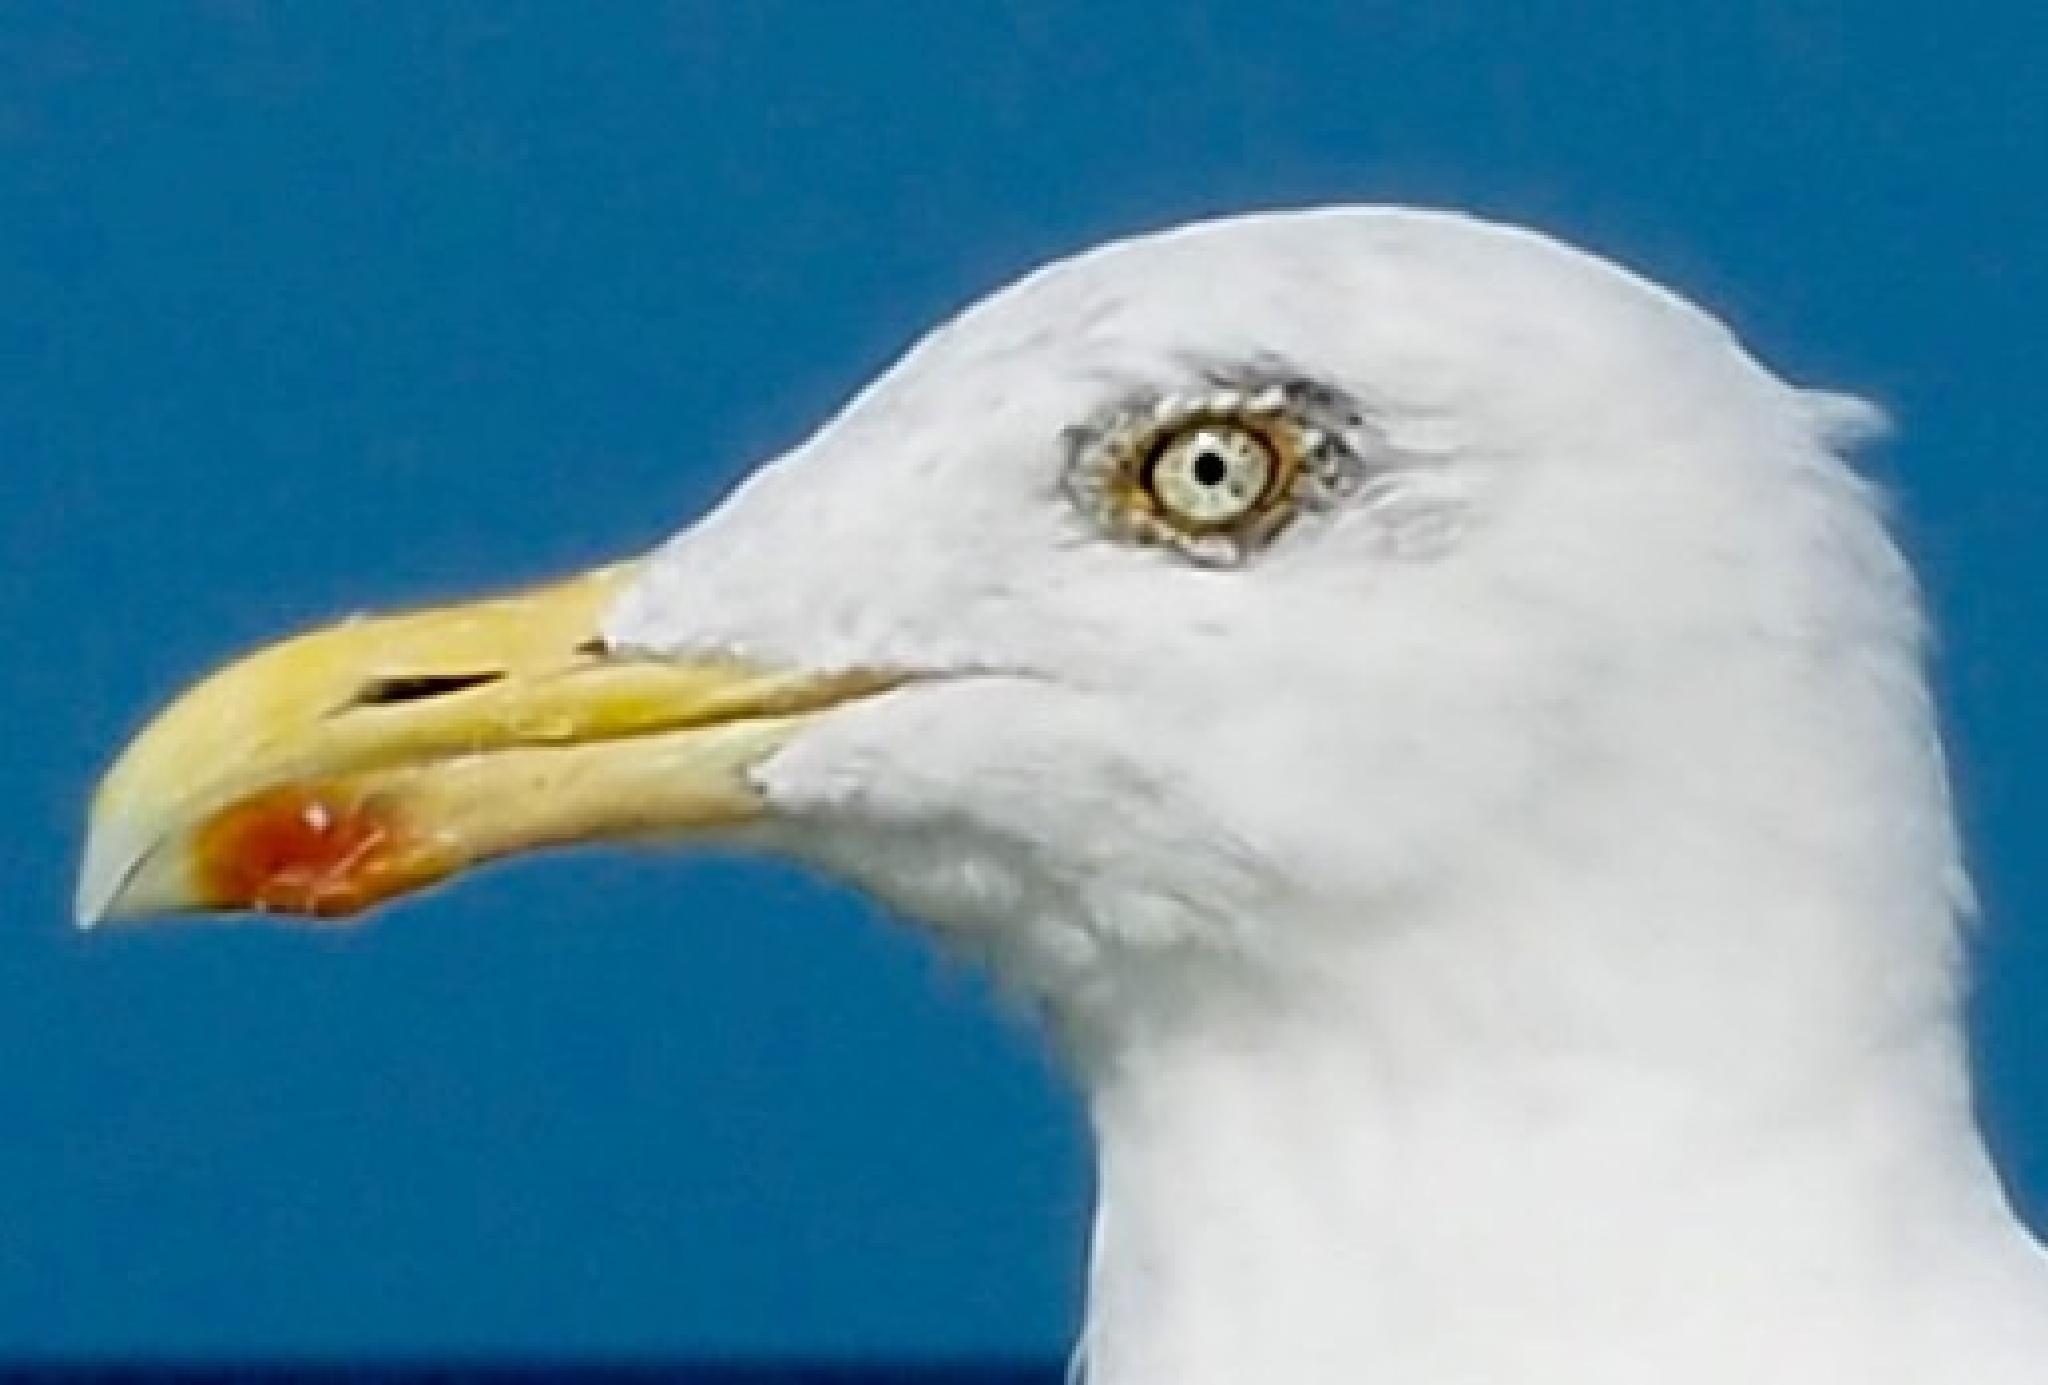 I have an eye on you by henningwaschk